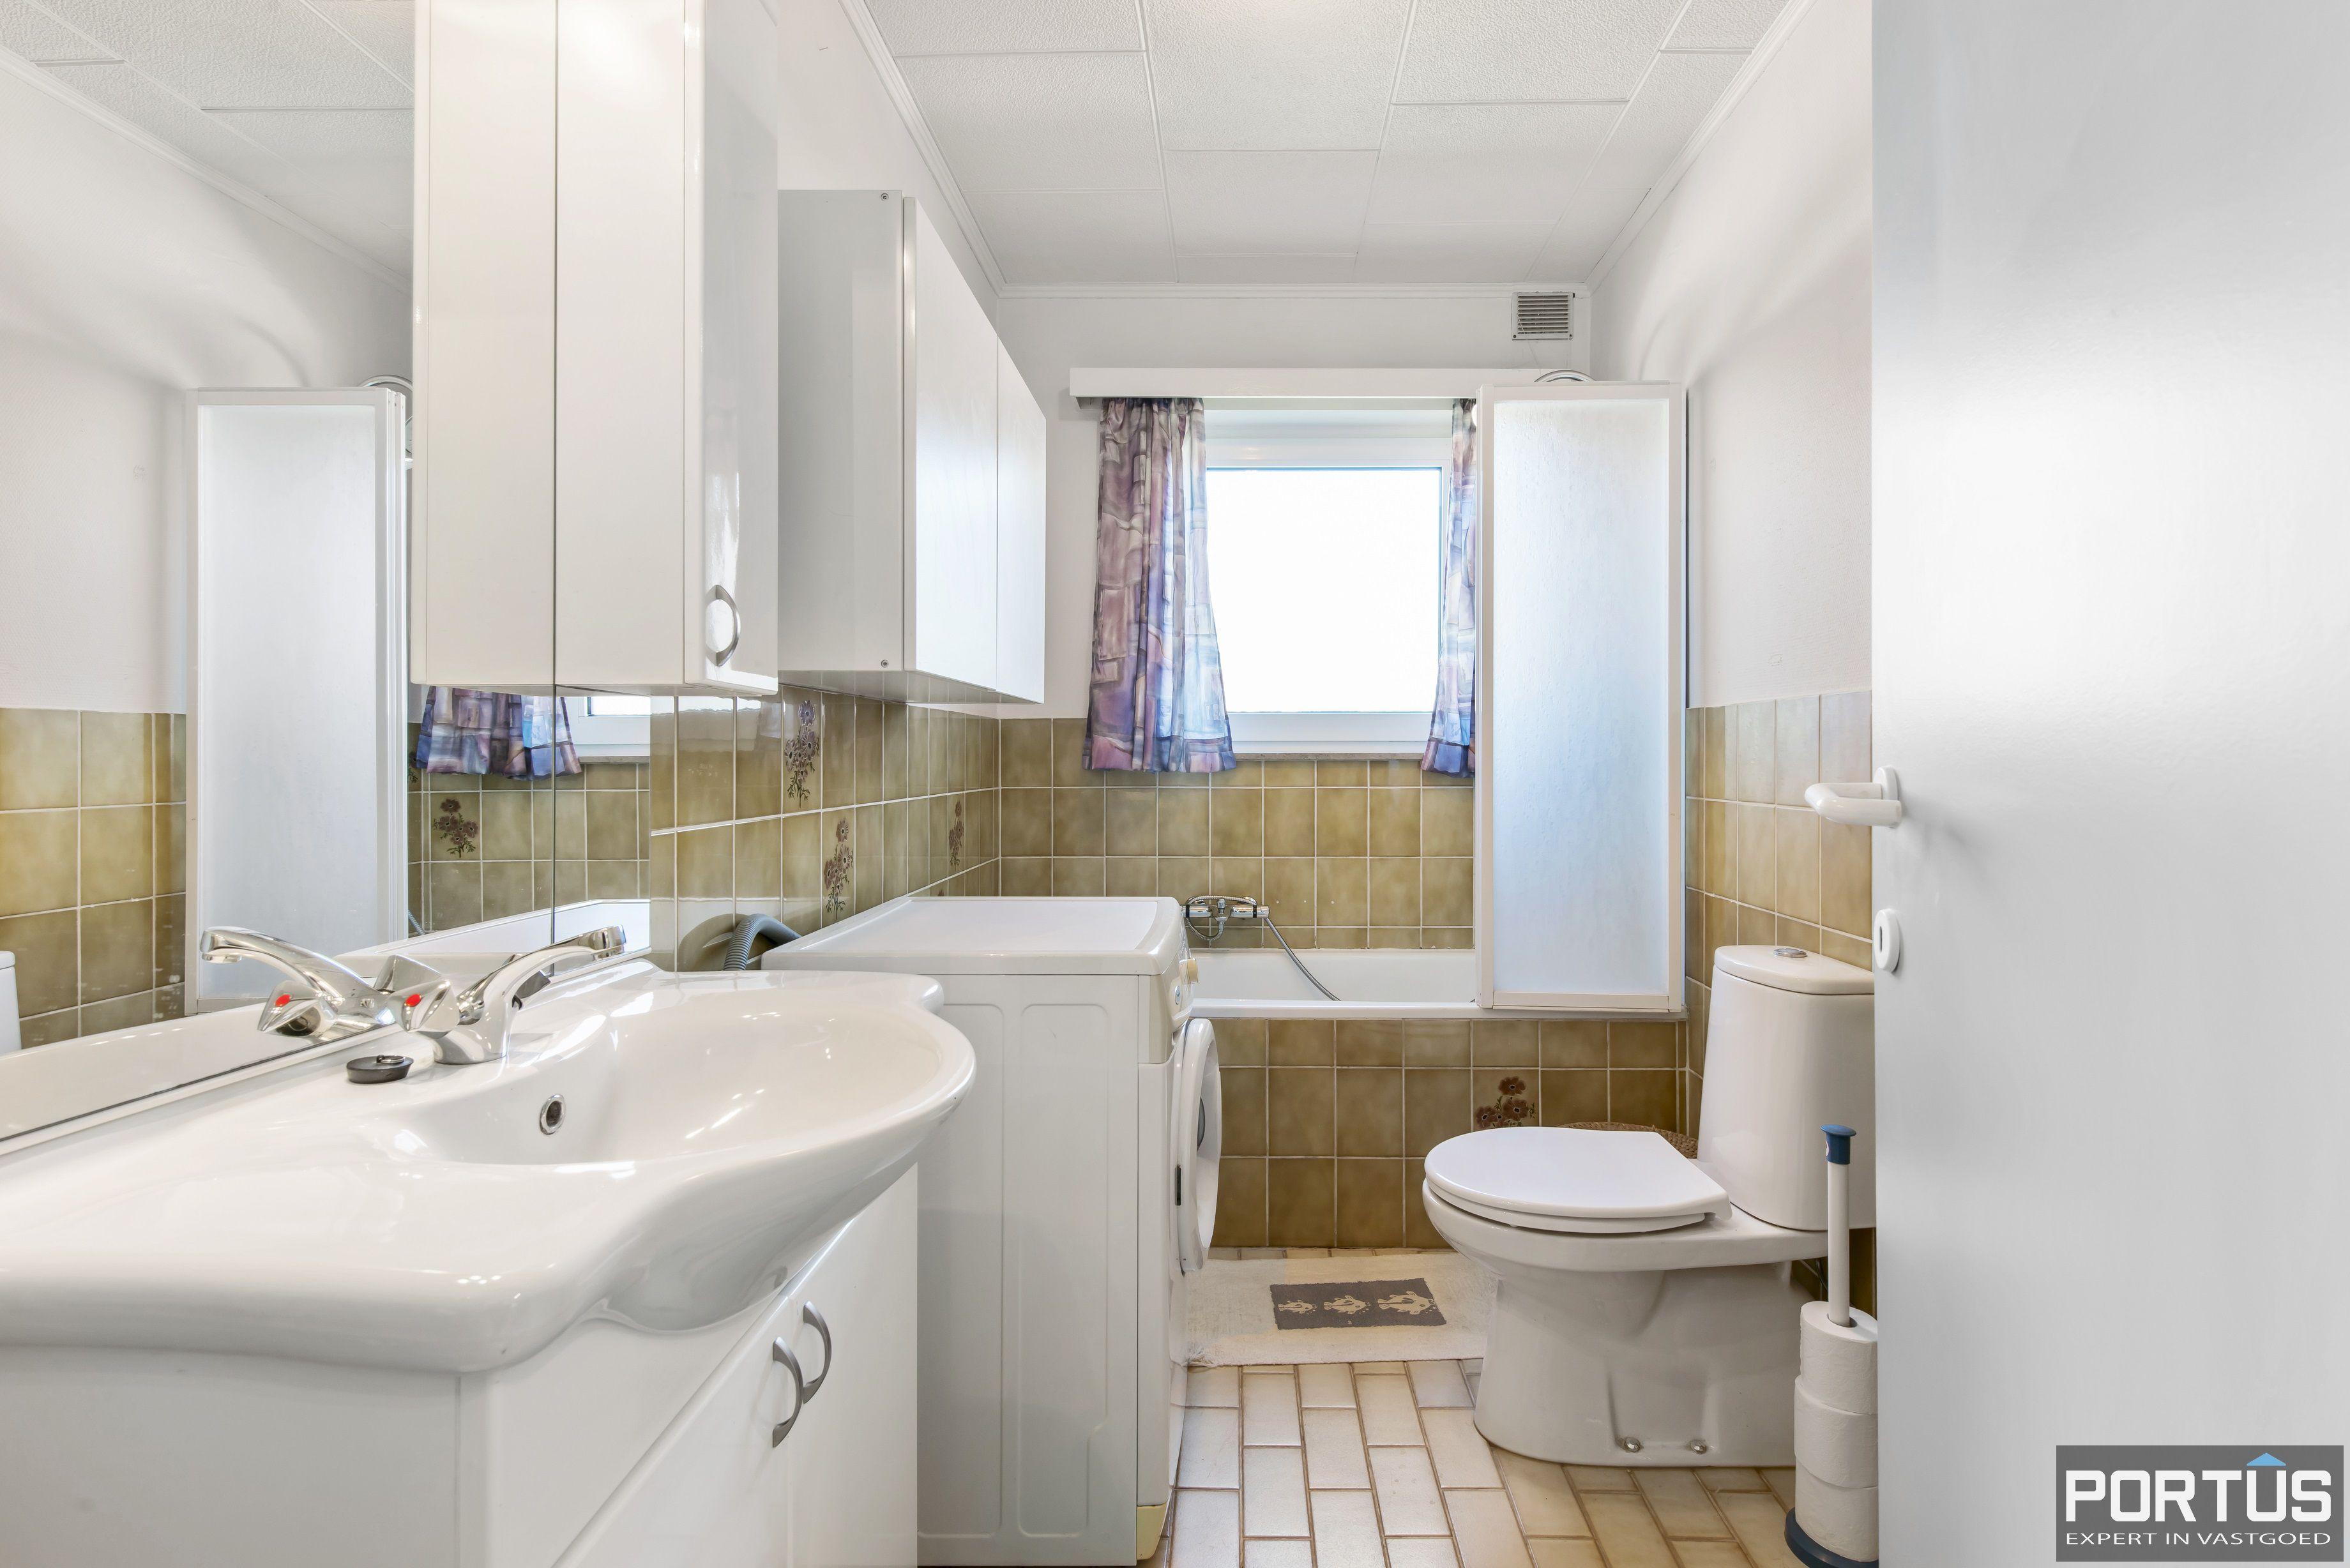 Appartement met 2 slaapkamers en parking te koop te Nieuwpoort - 9731